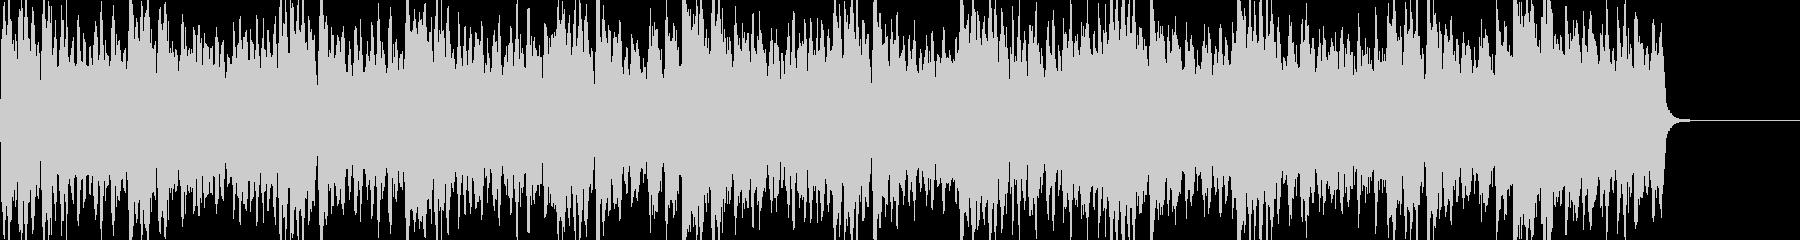 スティーヴ・ライヒ風ミニマルミュージックの未再生の波形